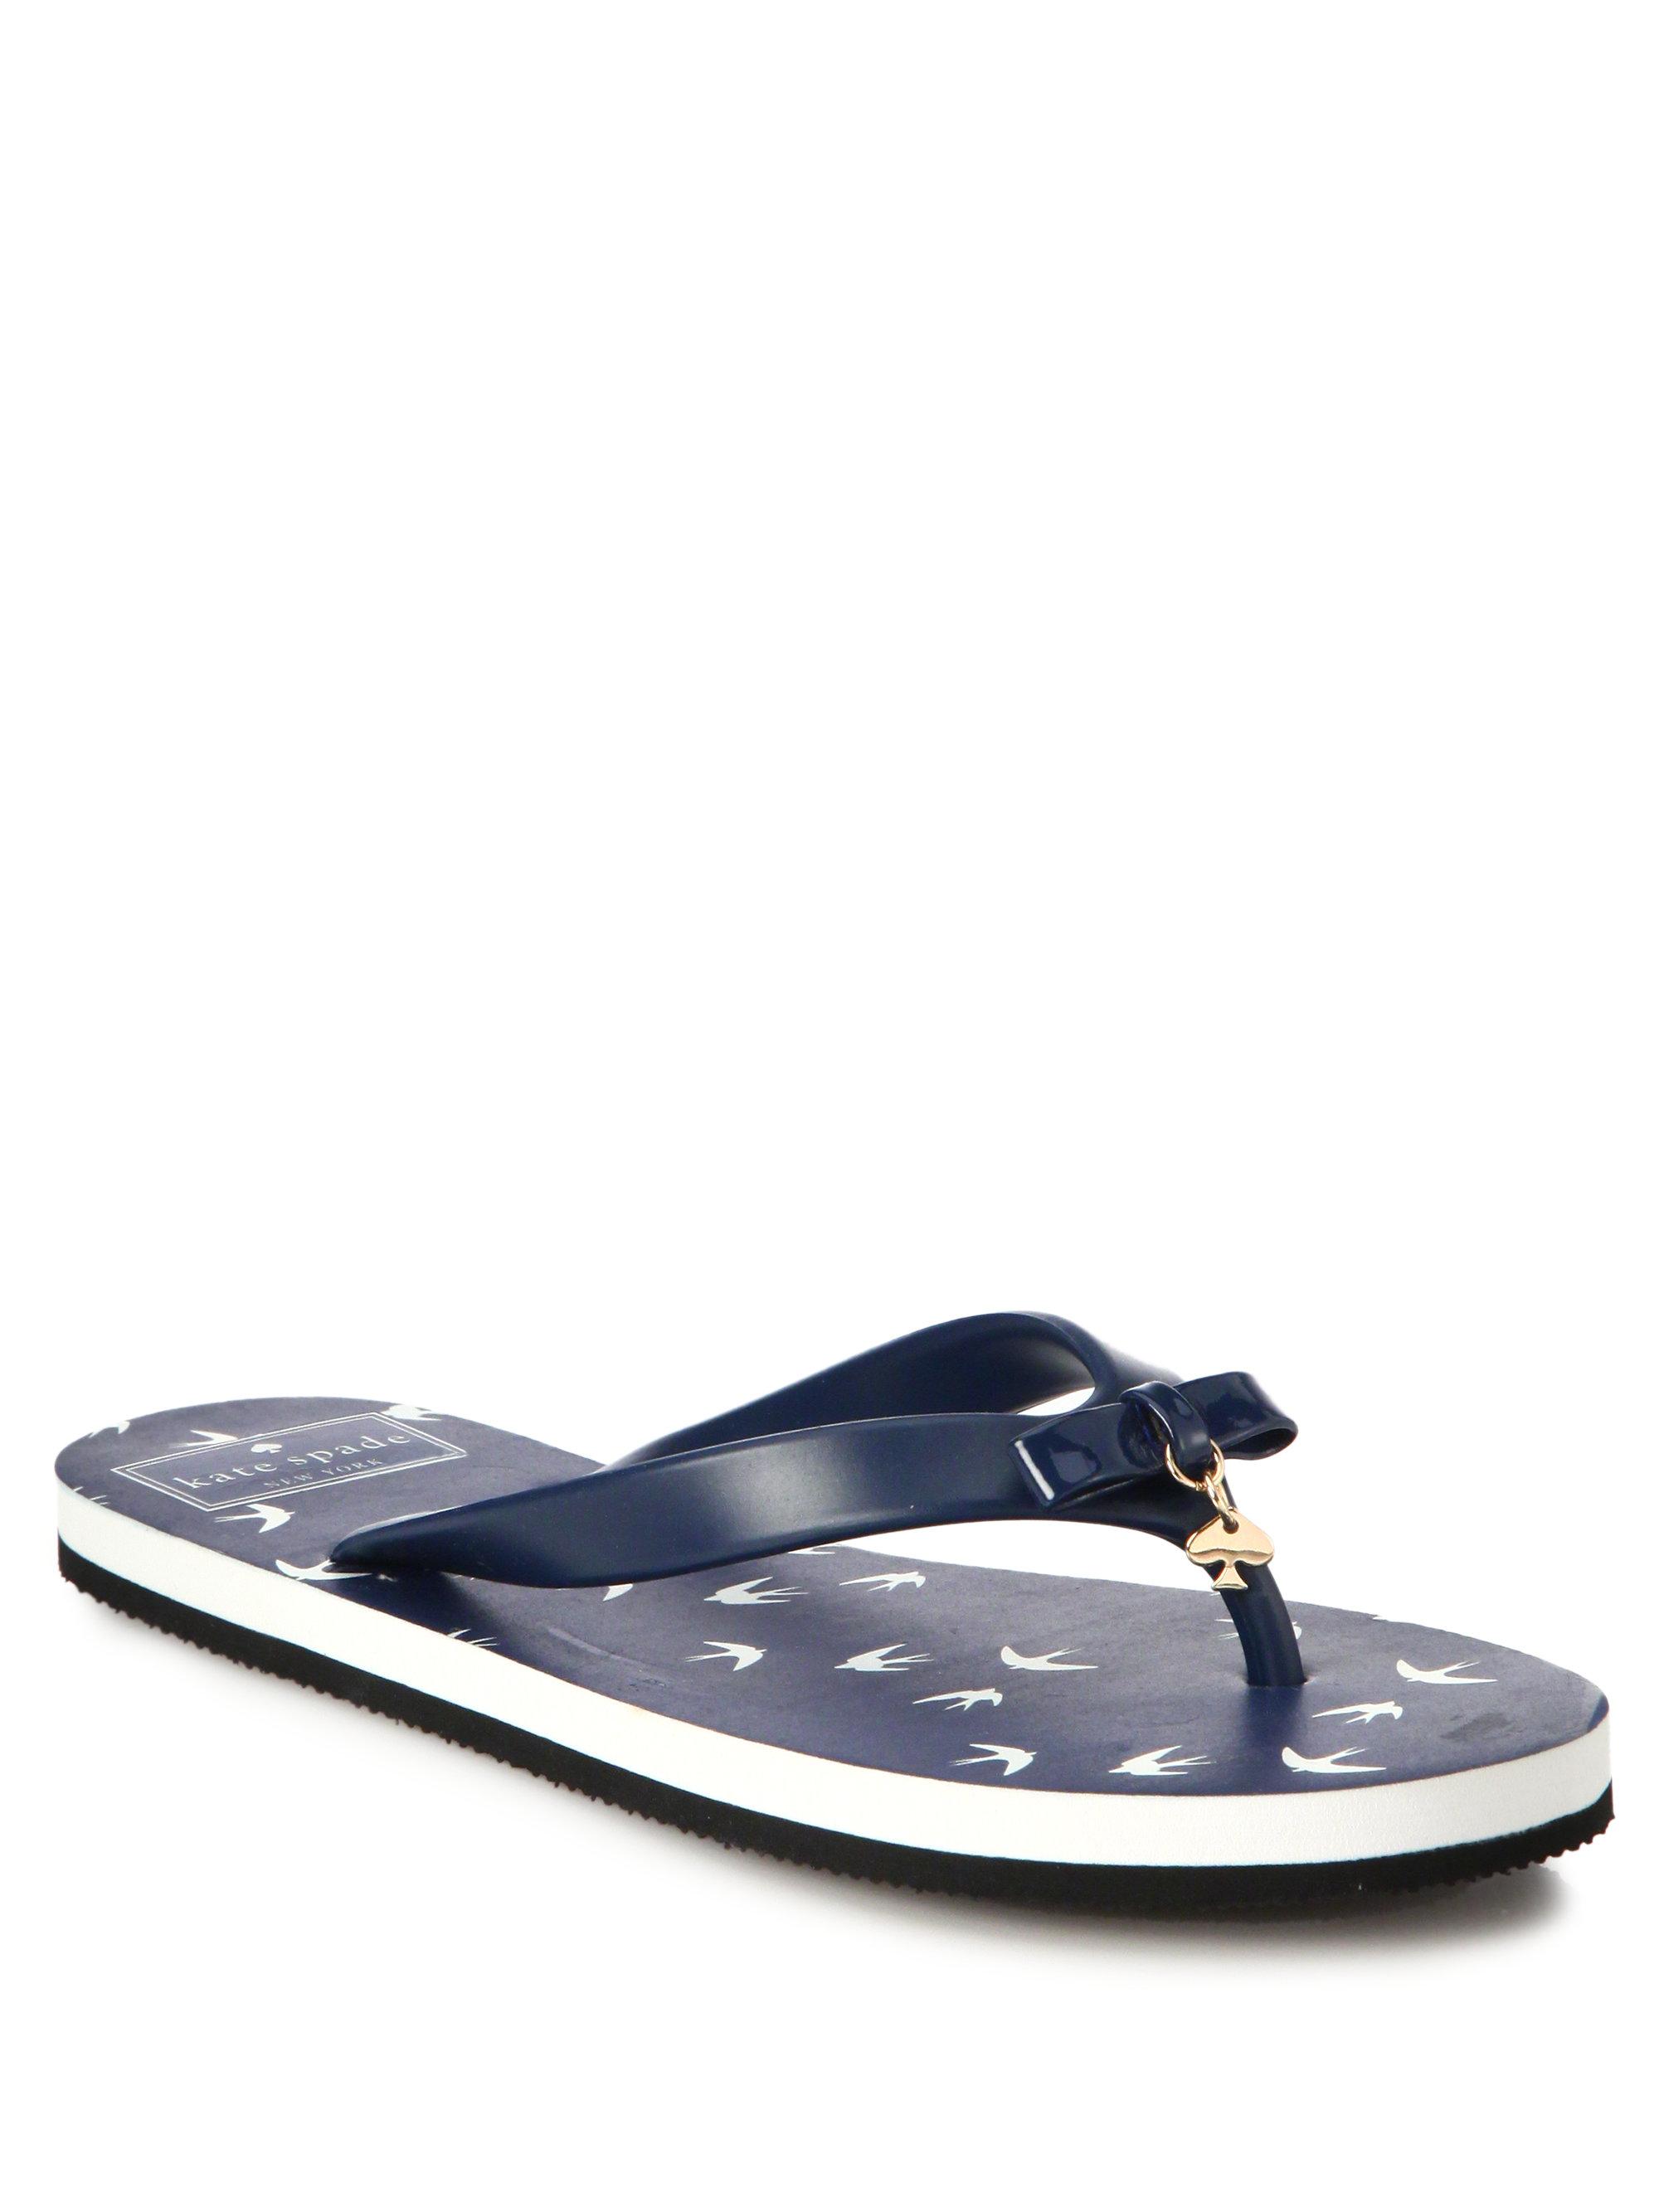 e5dc8de83f74 Lyst - Kate Spade Rhett Flip Flops in Blue